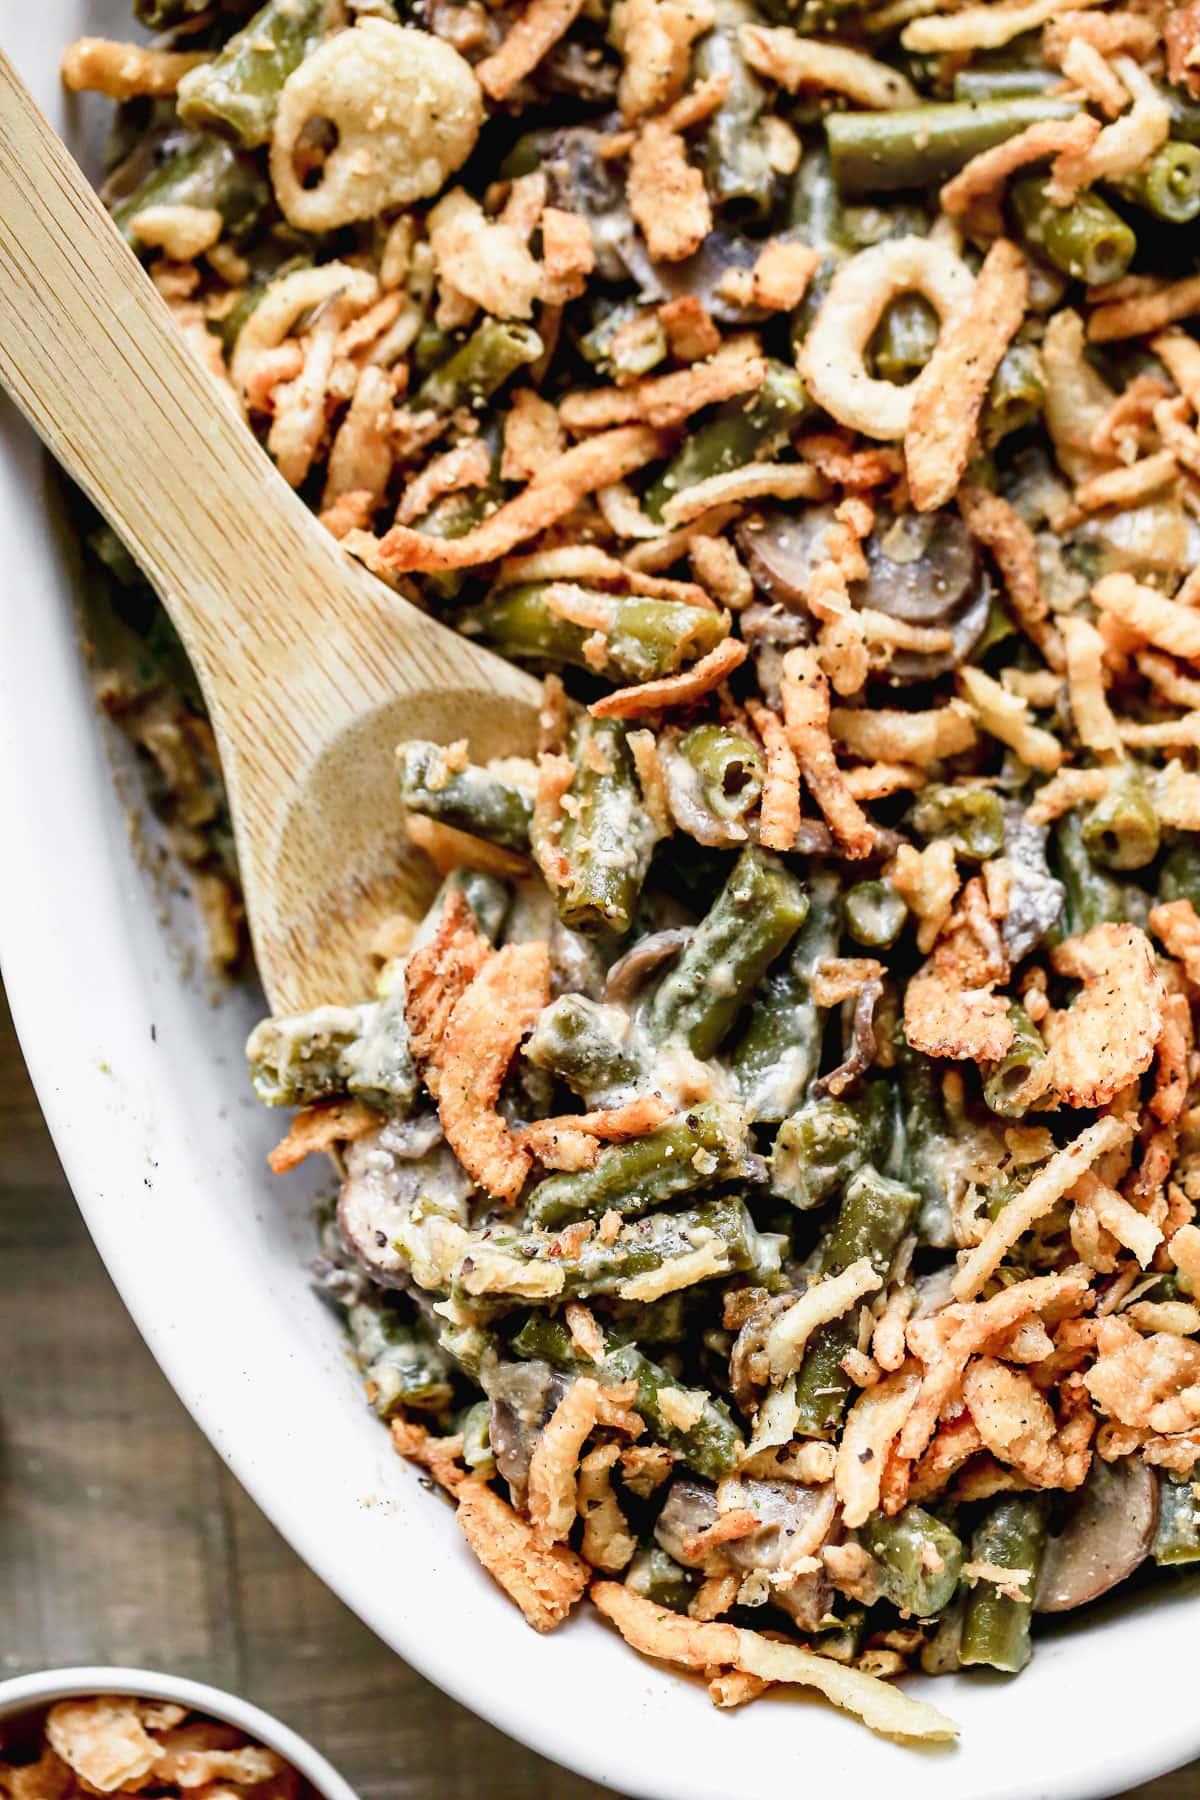 A baking dish of crockpot green bean casserole